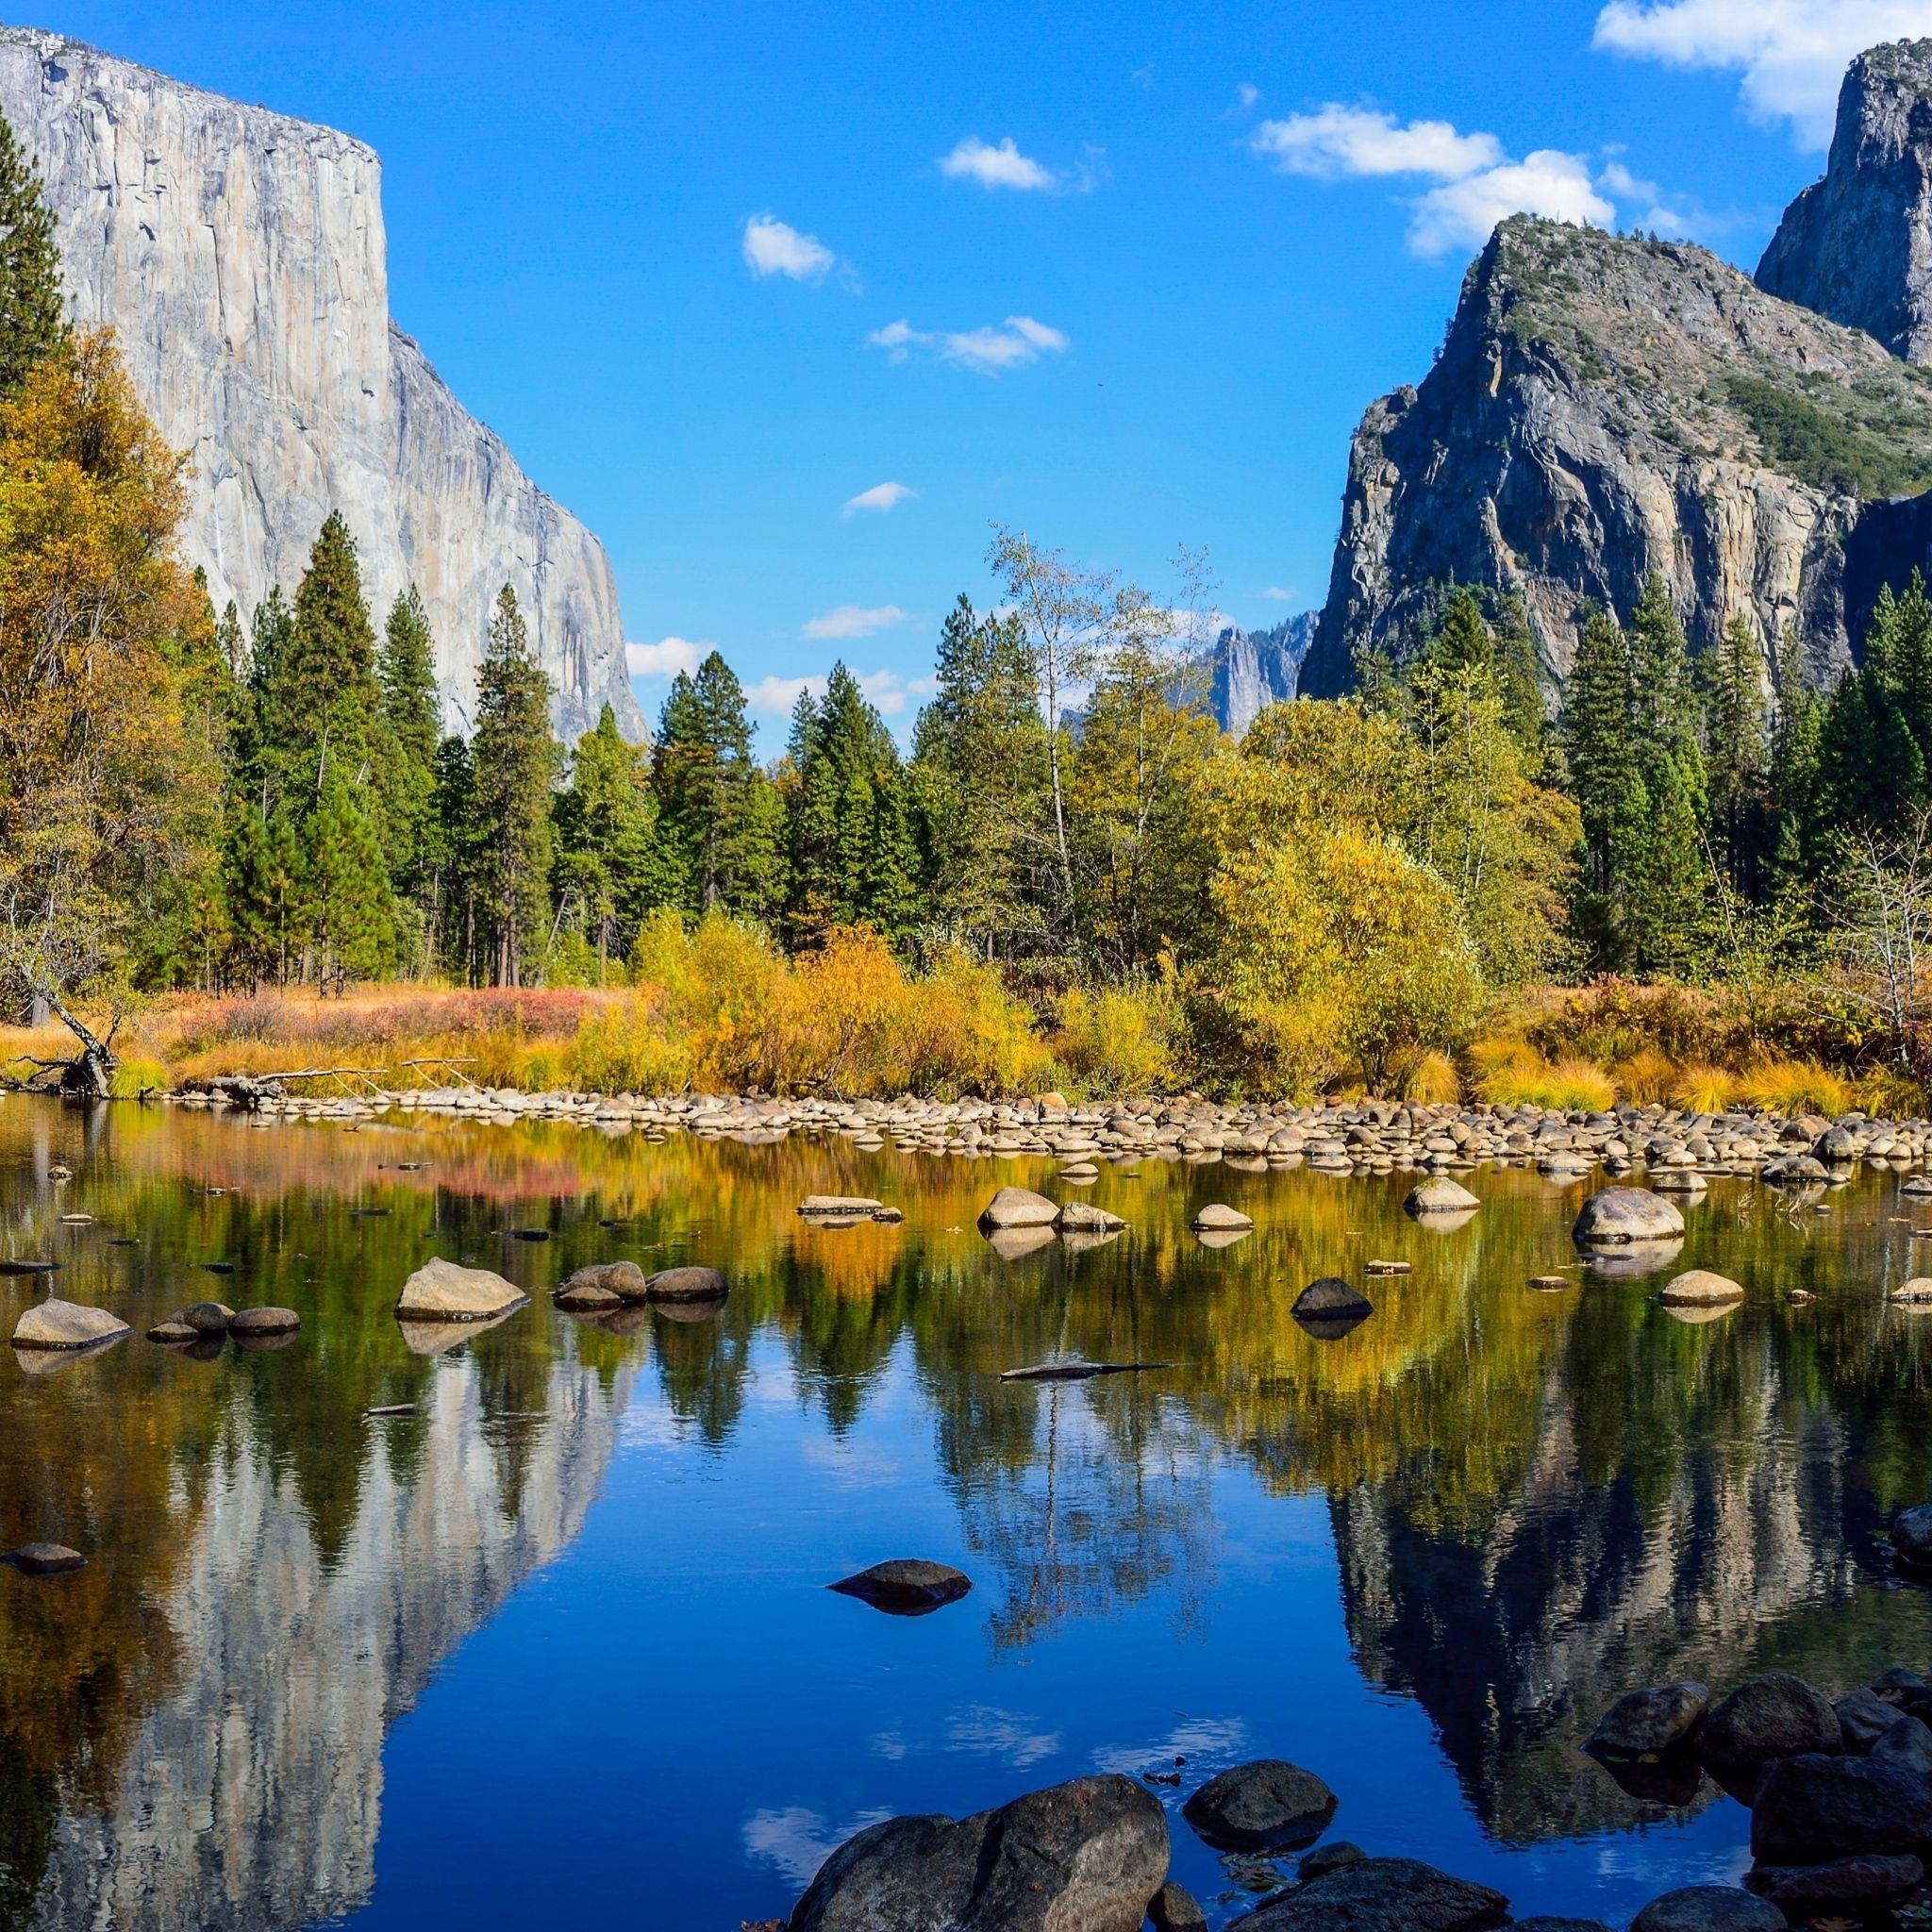 d888e01cc3 2048x2048 Wallpaper Parque Nacional de Yosemite